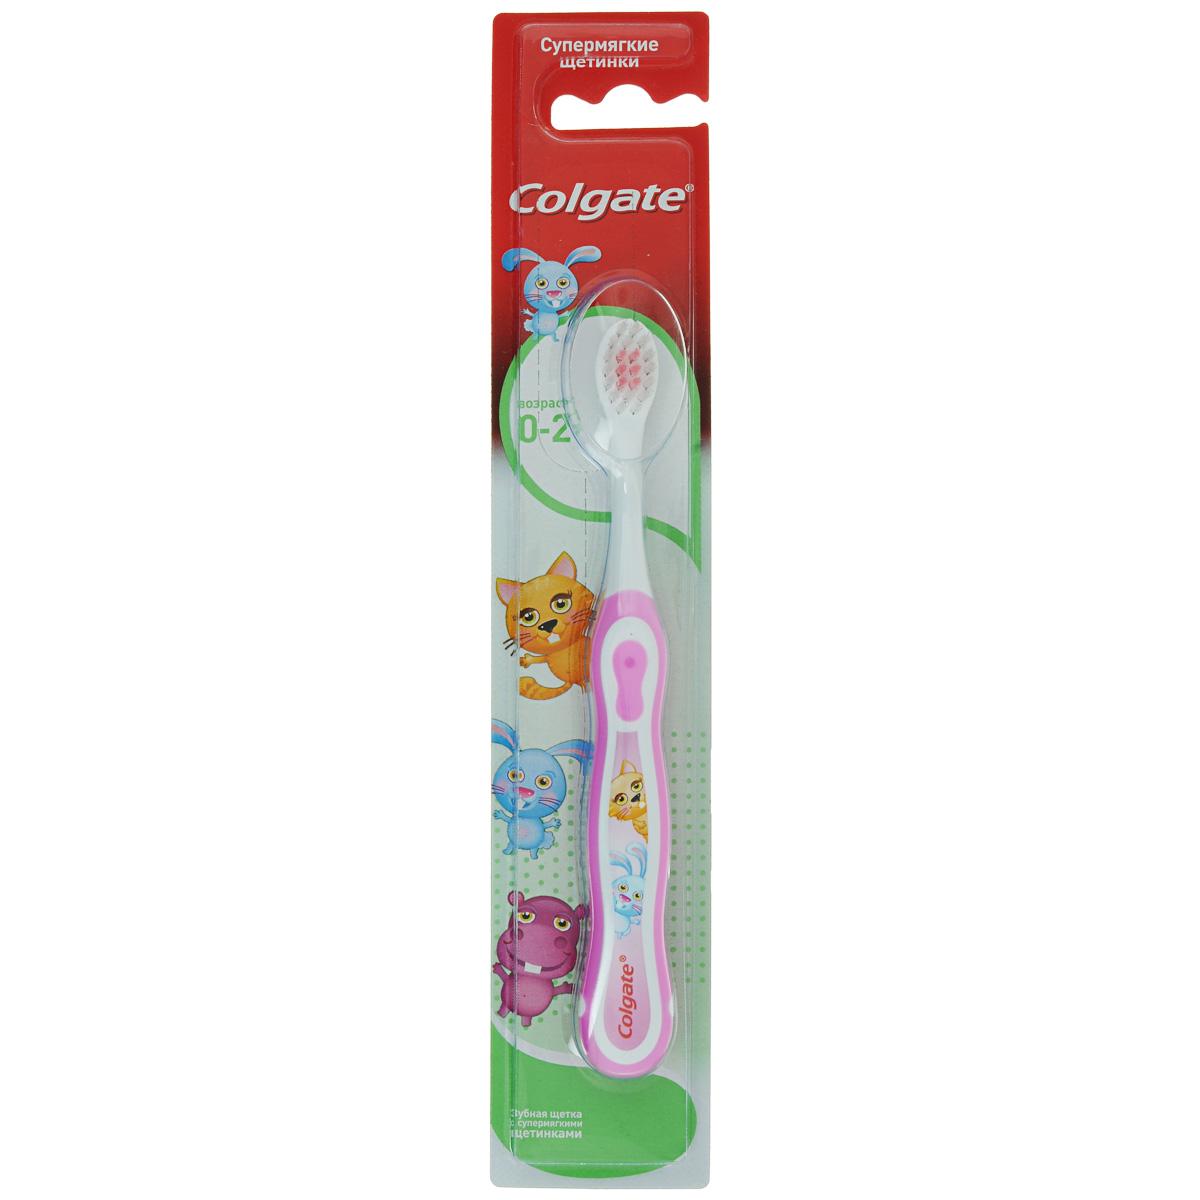 Colgate Зубная щетка детcкая Smiles, от 0 до 2 лет, супермягкая, цвет: розовый, белыйFCN20584_розовый, белыйДетская зубная щетка Colgate Smiles идеально подходит для развития навыков гигиены полости рта. Супермягкие щетинки с закругленными щетинками для детей с первого зуба до 2 лет. Благодаря яркому, привлекательному дизайну зубной щетки ежедневная чистка зубов станет удовольствием для вашего ребенка. Специально разработанная нескользящая ручка удобно располагается в деткой ладошке. Товар сертифицирован.